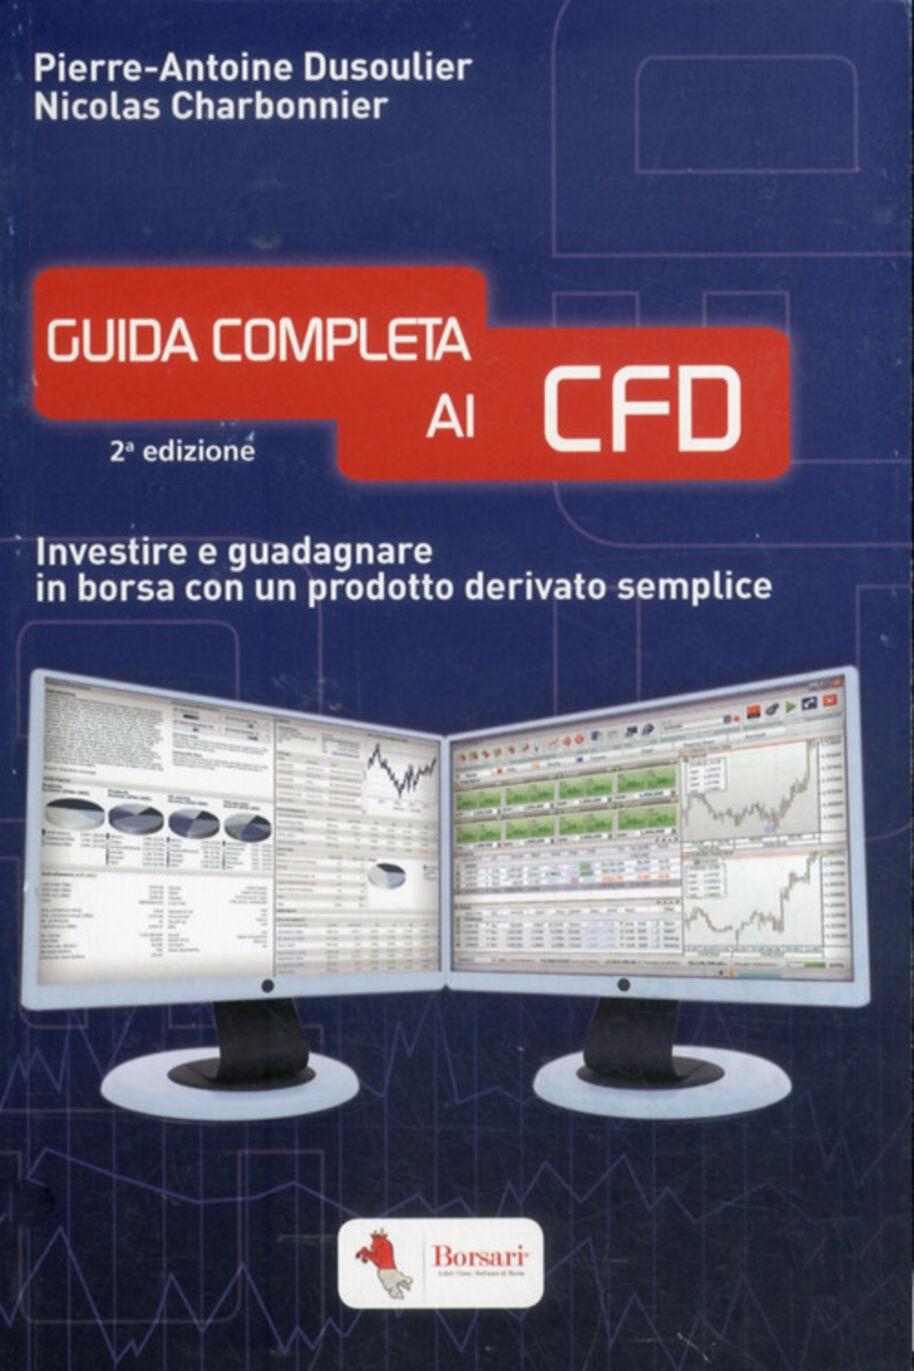 Guida completa ai CFD. Investire e guadagnare in borsa con un prodotto derivato semplice